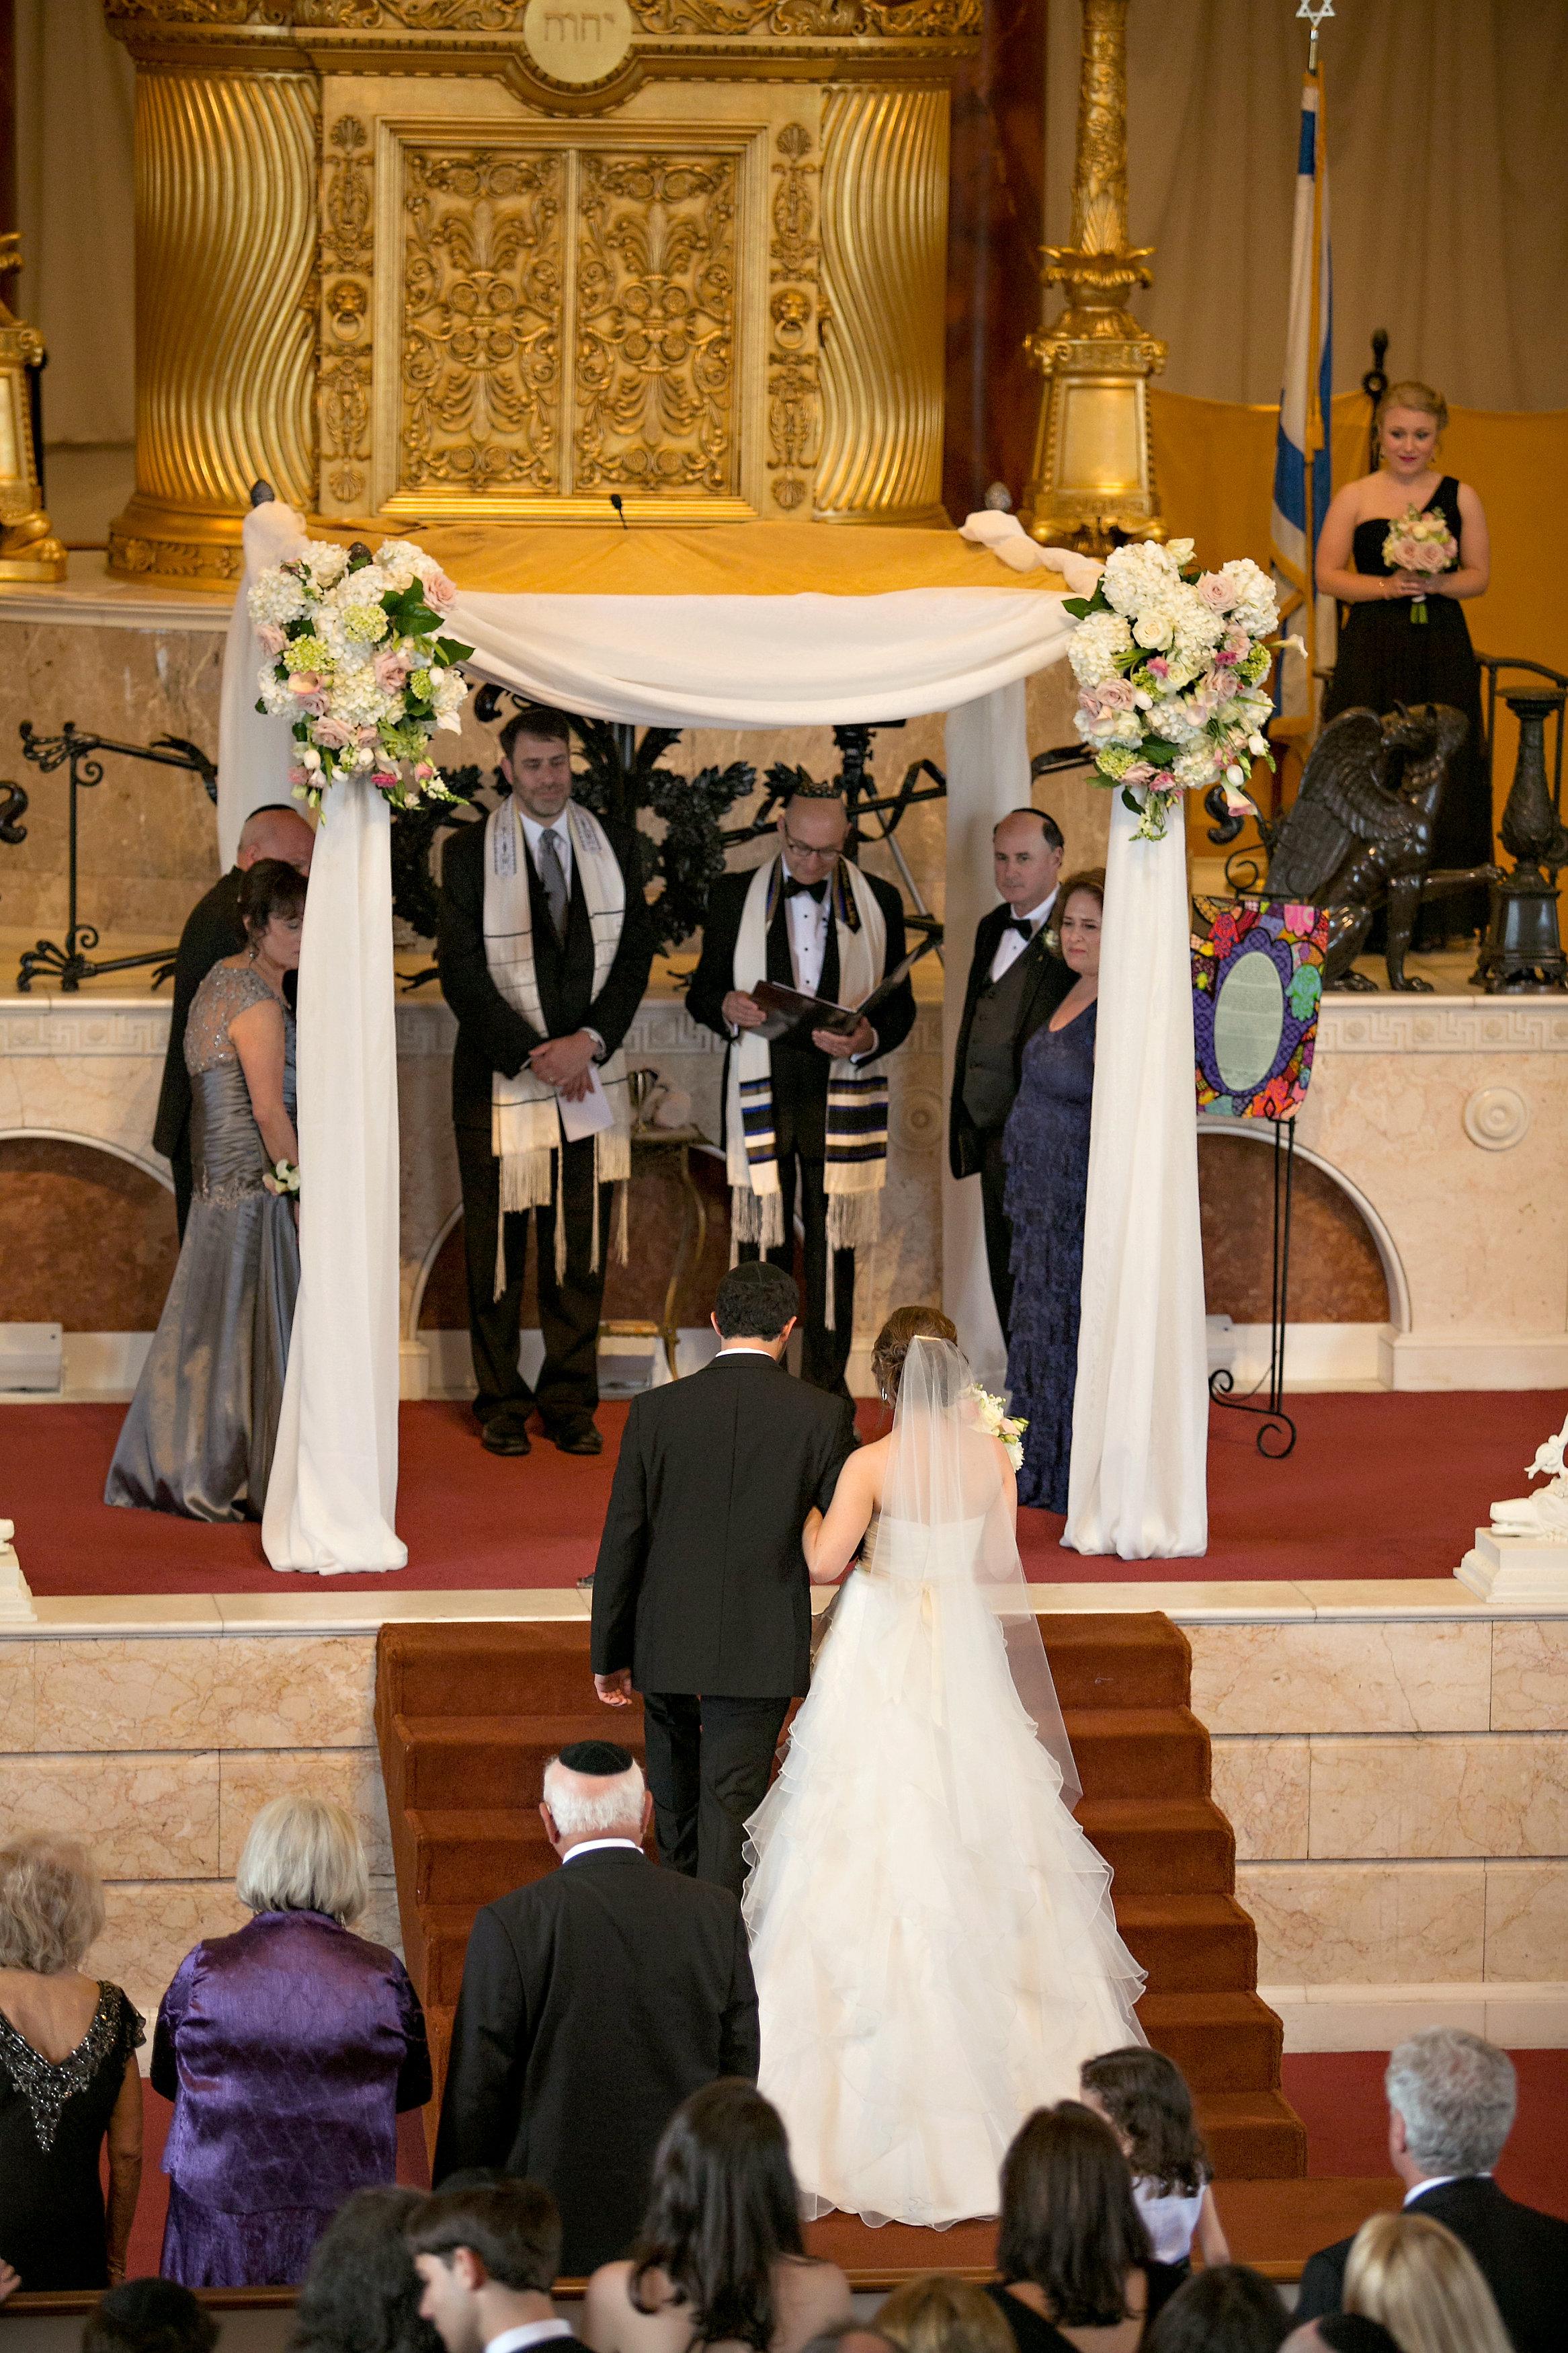 Bridal Entrance at Jewish wedding at The Temple in midtown Atlanta with traditional Jewish chuppah